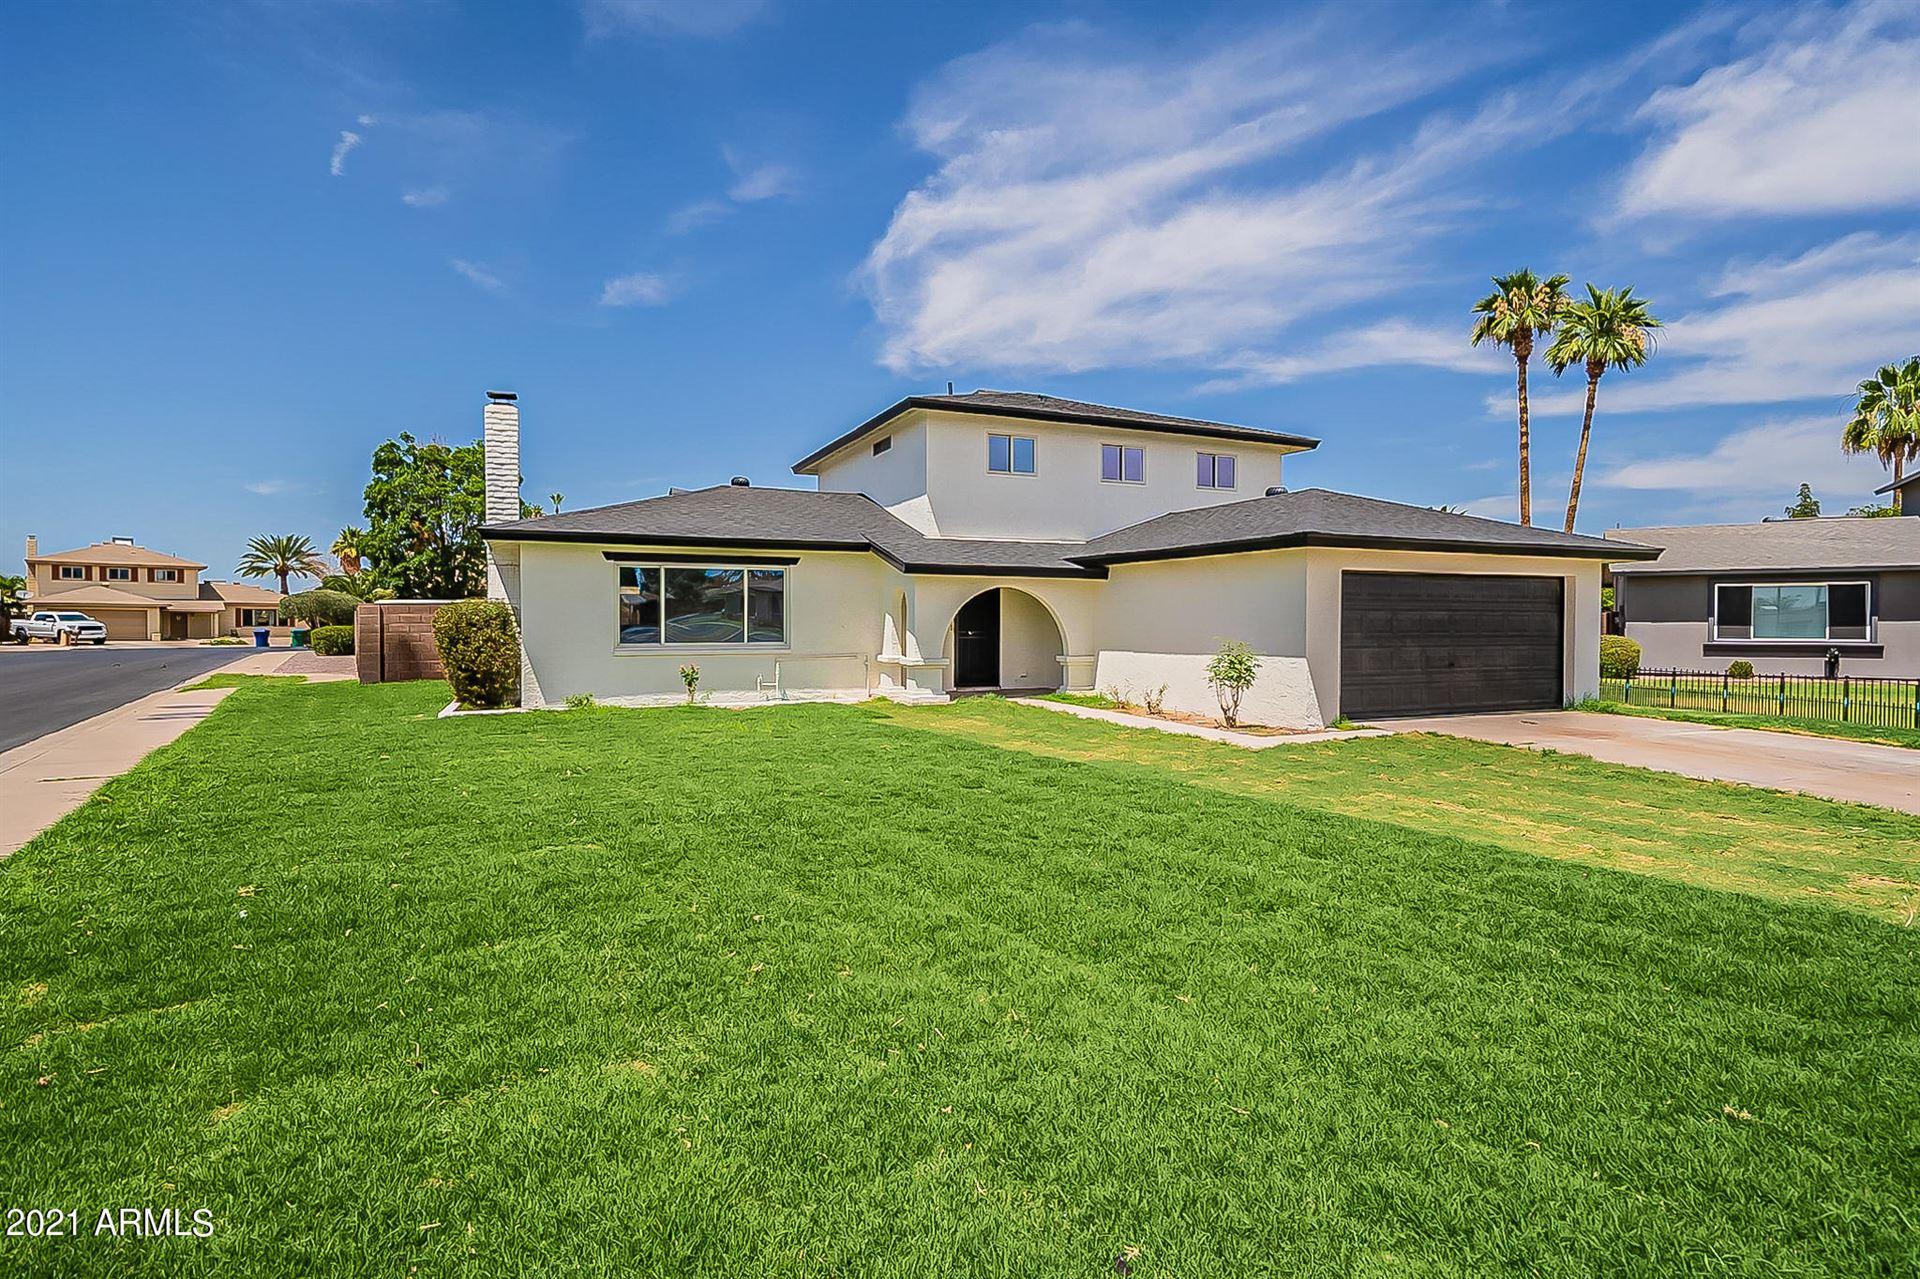 2163 S LAS FLORES --, Mesa, AZ 85202 - MLS#: 6249282